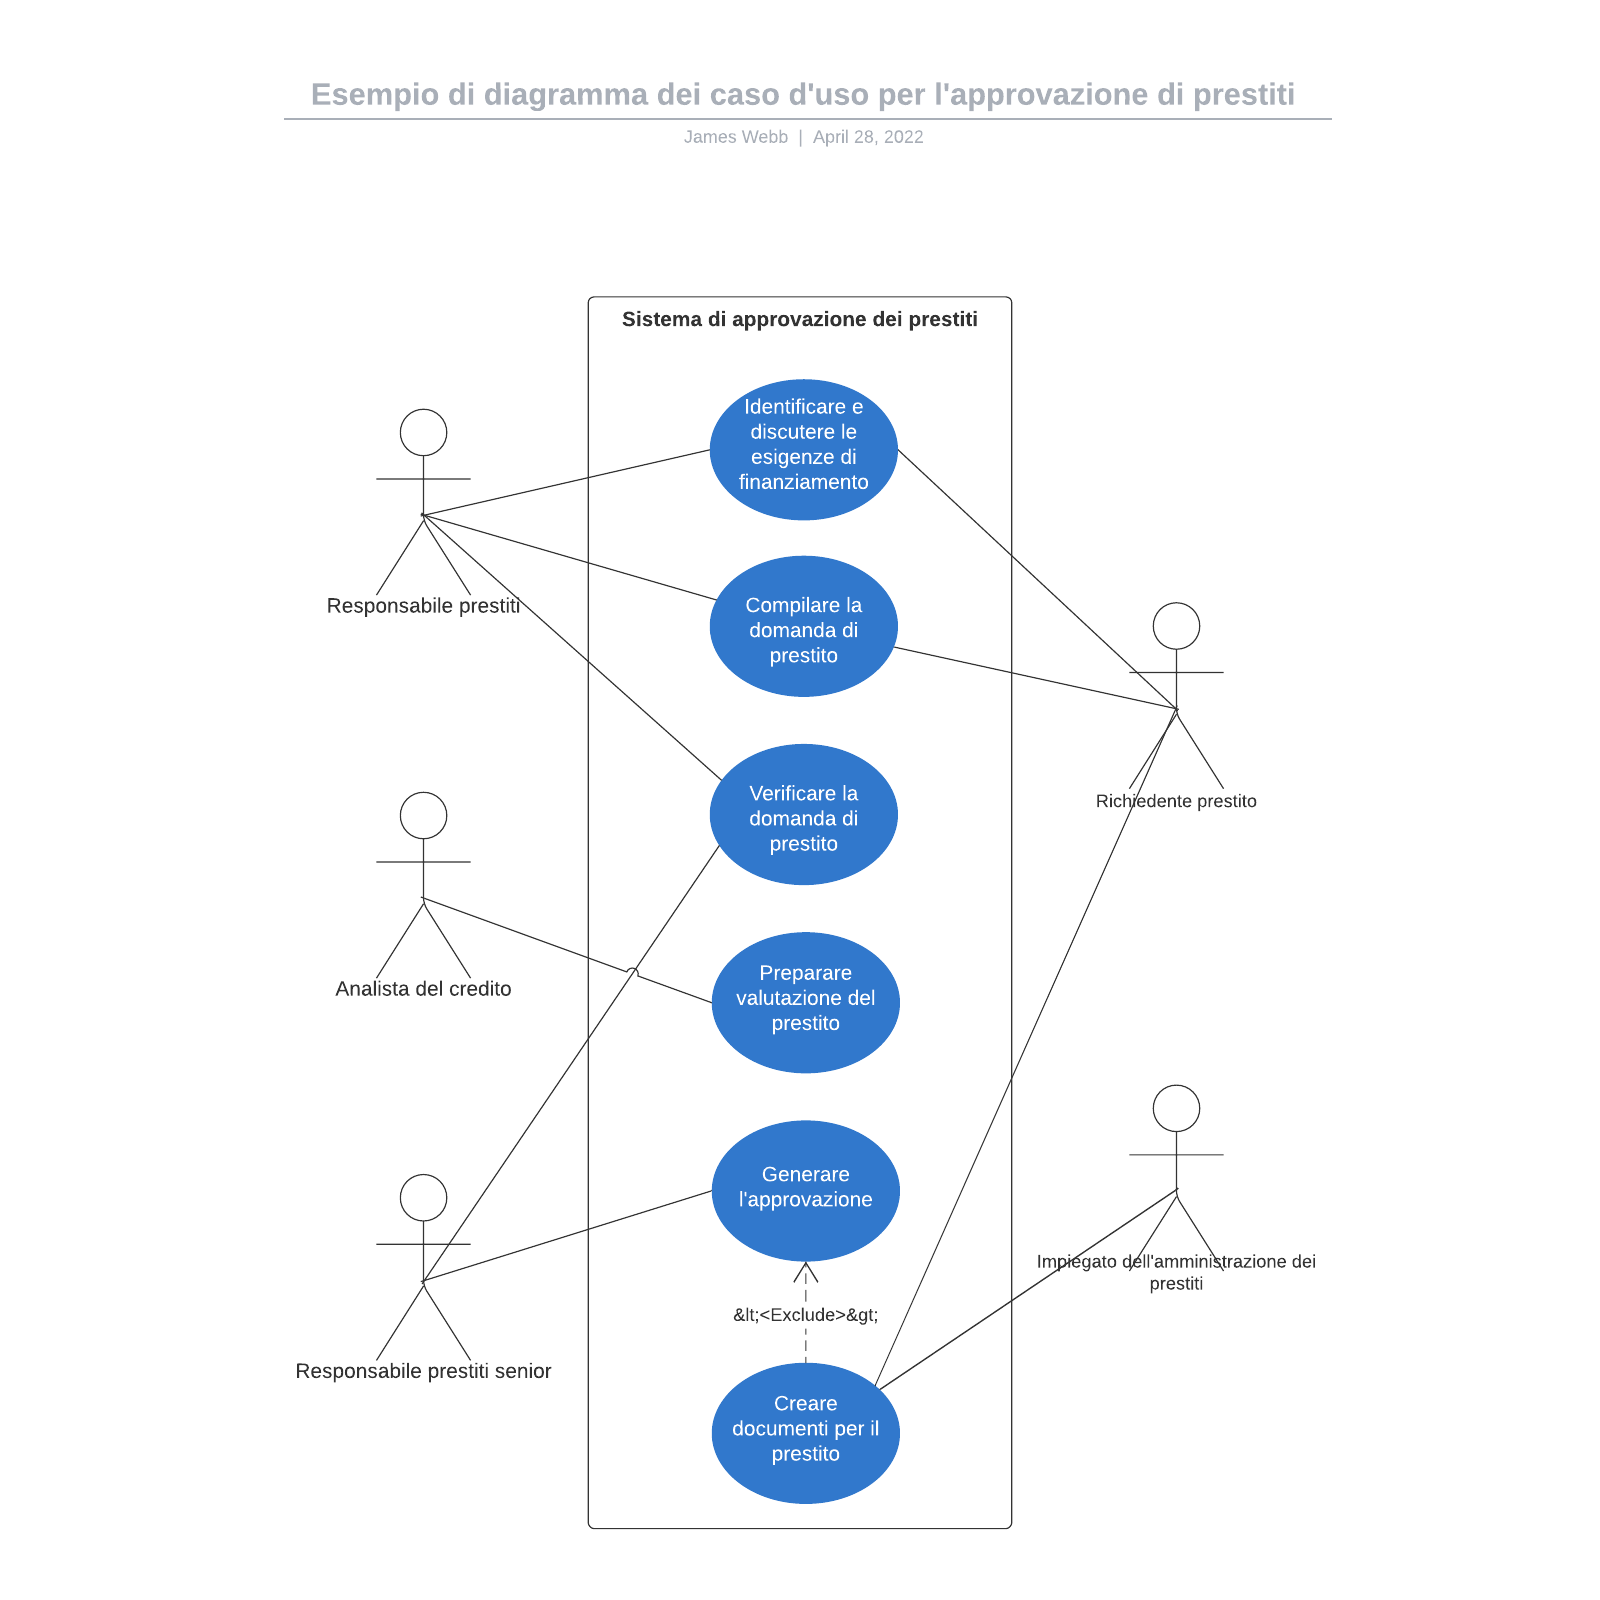 Esempio di diagramma dei caso d'uso per l'approvazione di prestiti